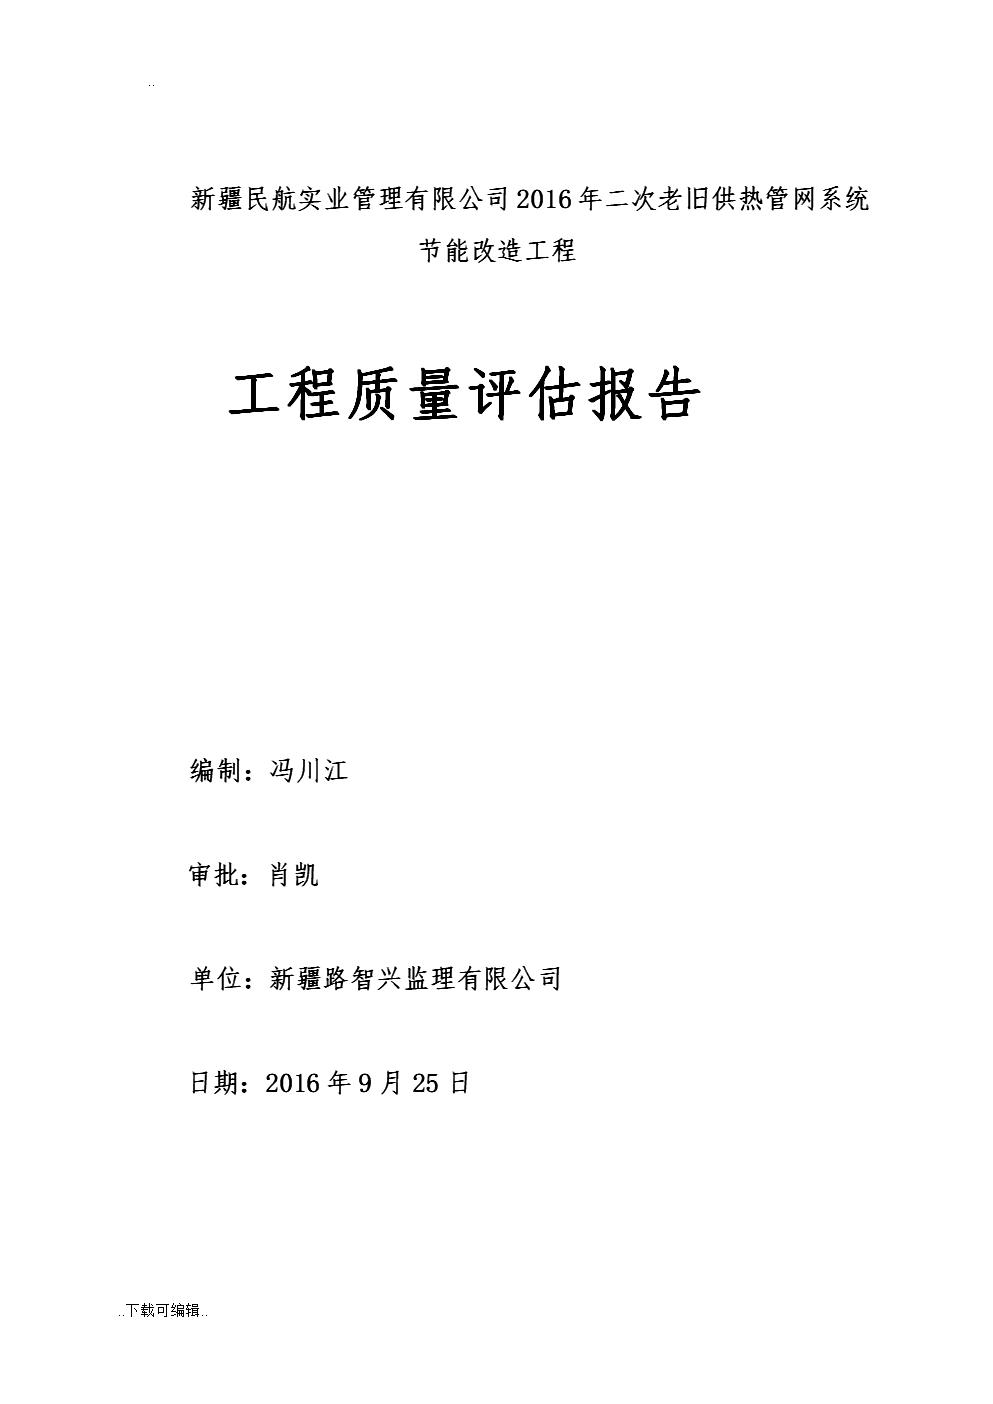 热力管网监理评估方案报告.doc